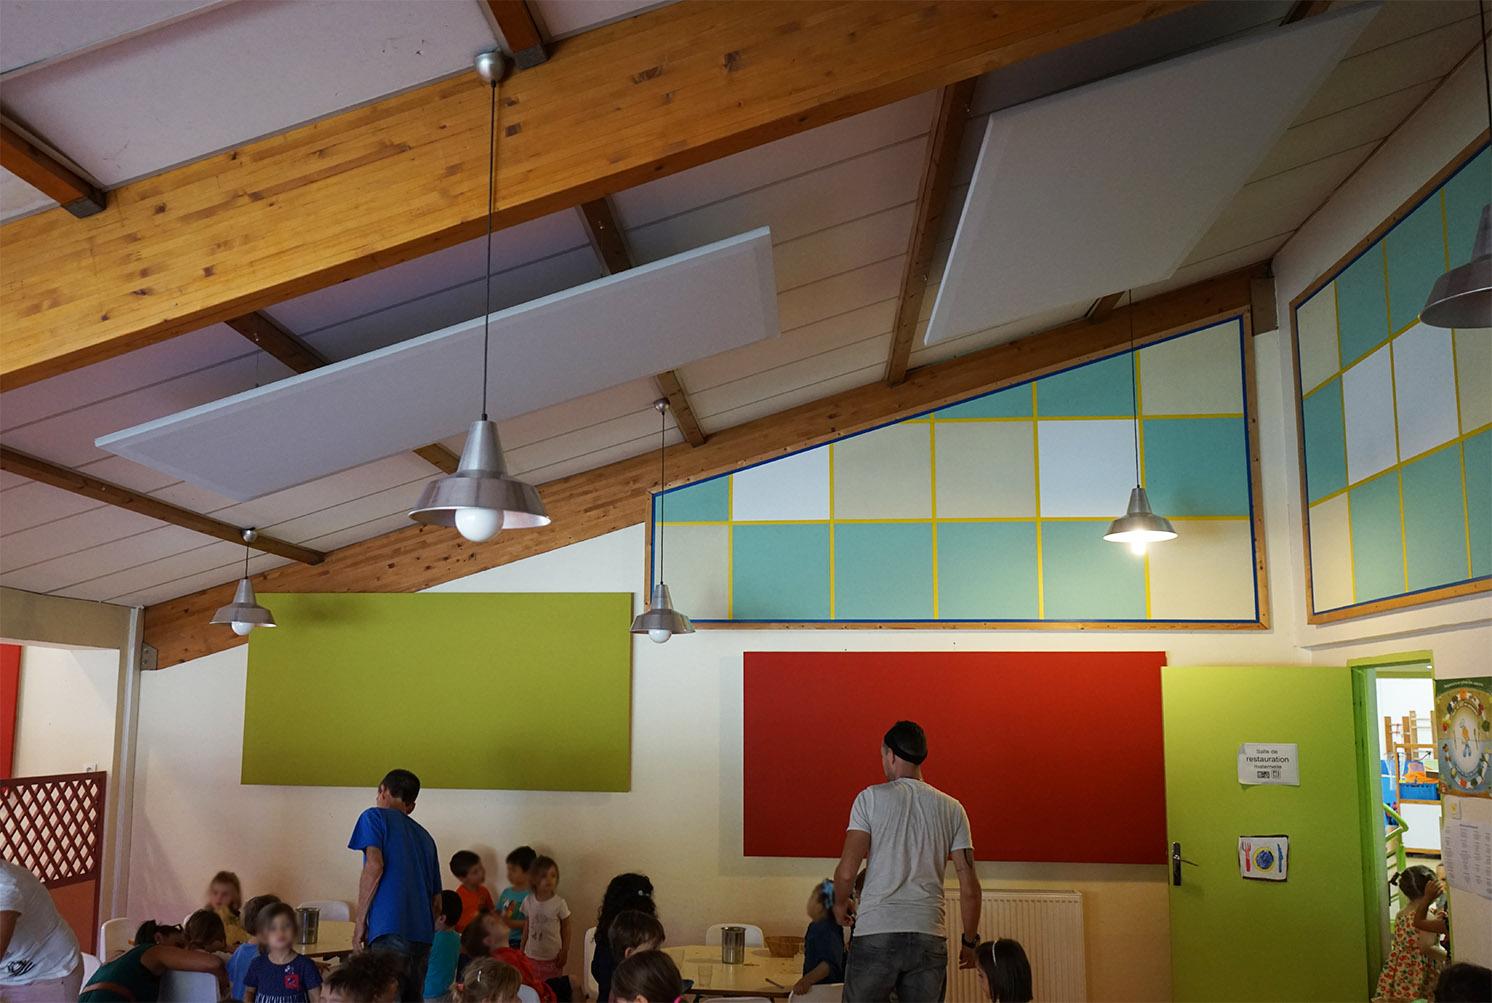 le groupe scolaire de ramonville s quipe de panneaux acoustiques. Black Bedroom Furniture Sets. Home Design Ideas